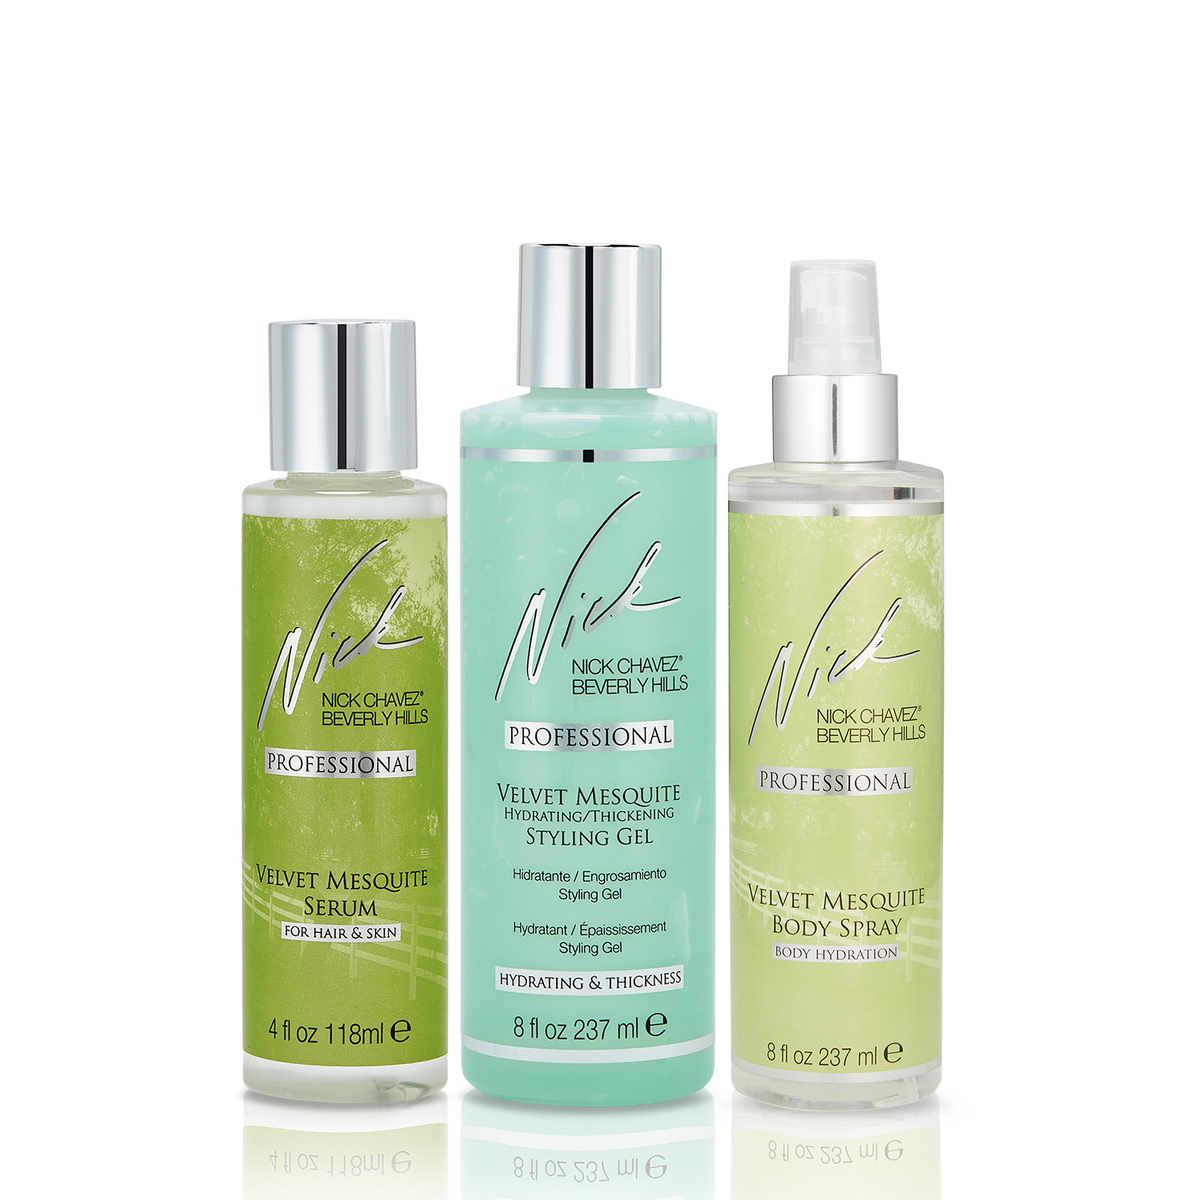 Velvet Mesquite Healthy Hair & Body Gift Set